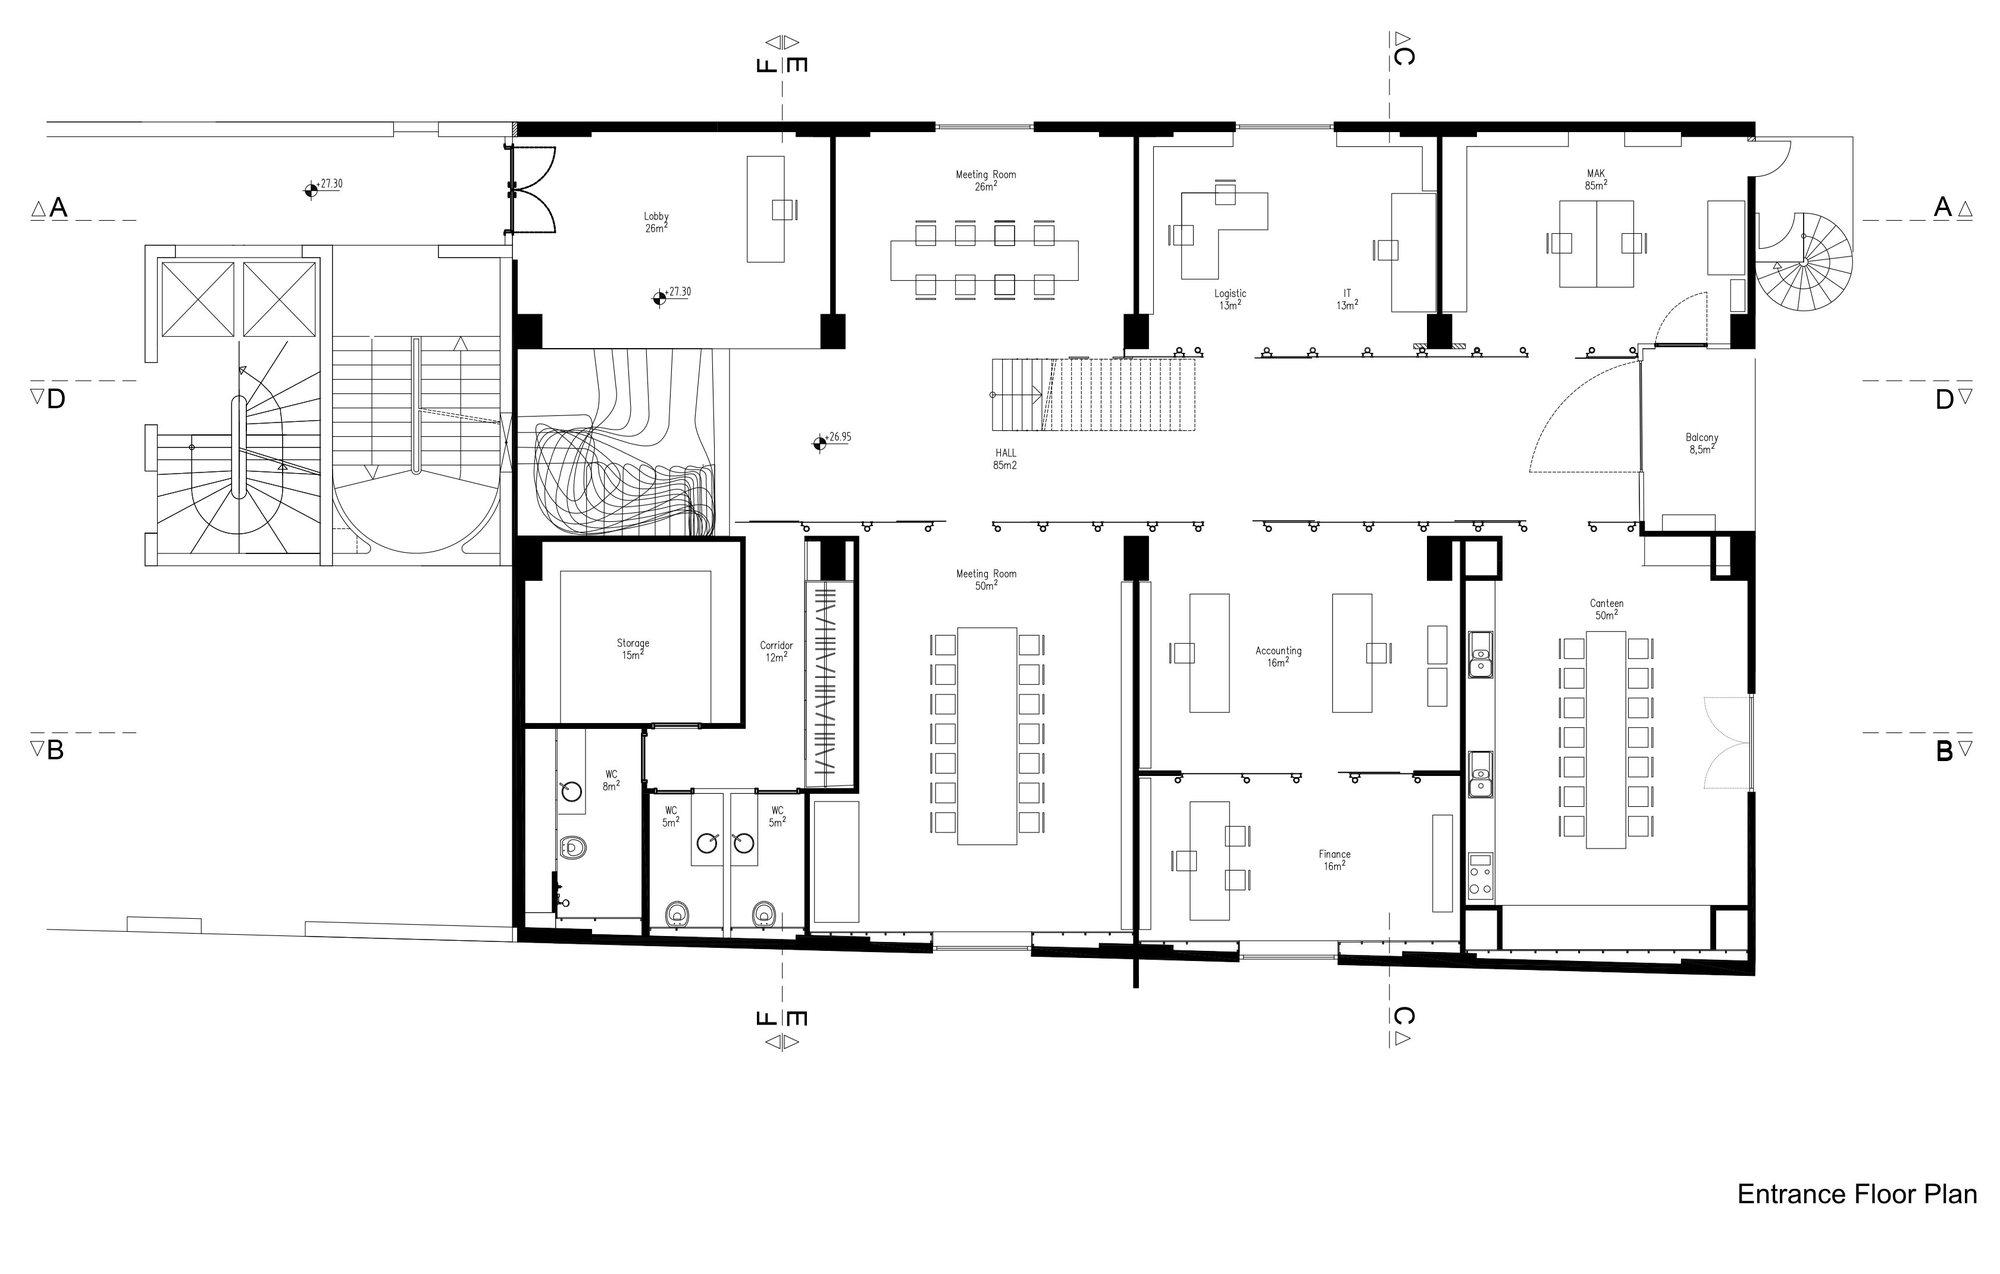 5850d858e58ece0202000133 Gad Park Gokhan Avcioglu Plus Gad Architecture Entrance Floor Plan on Metal Building Floor Plans